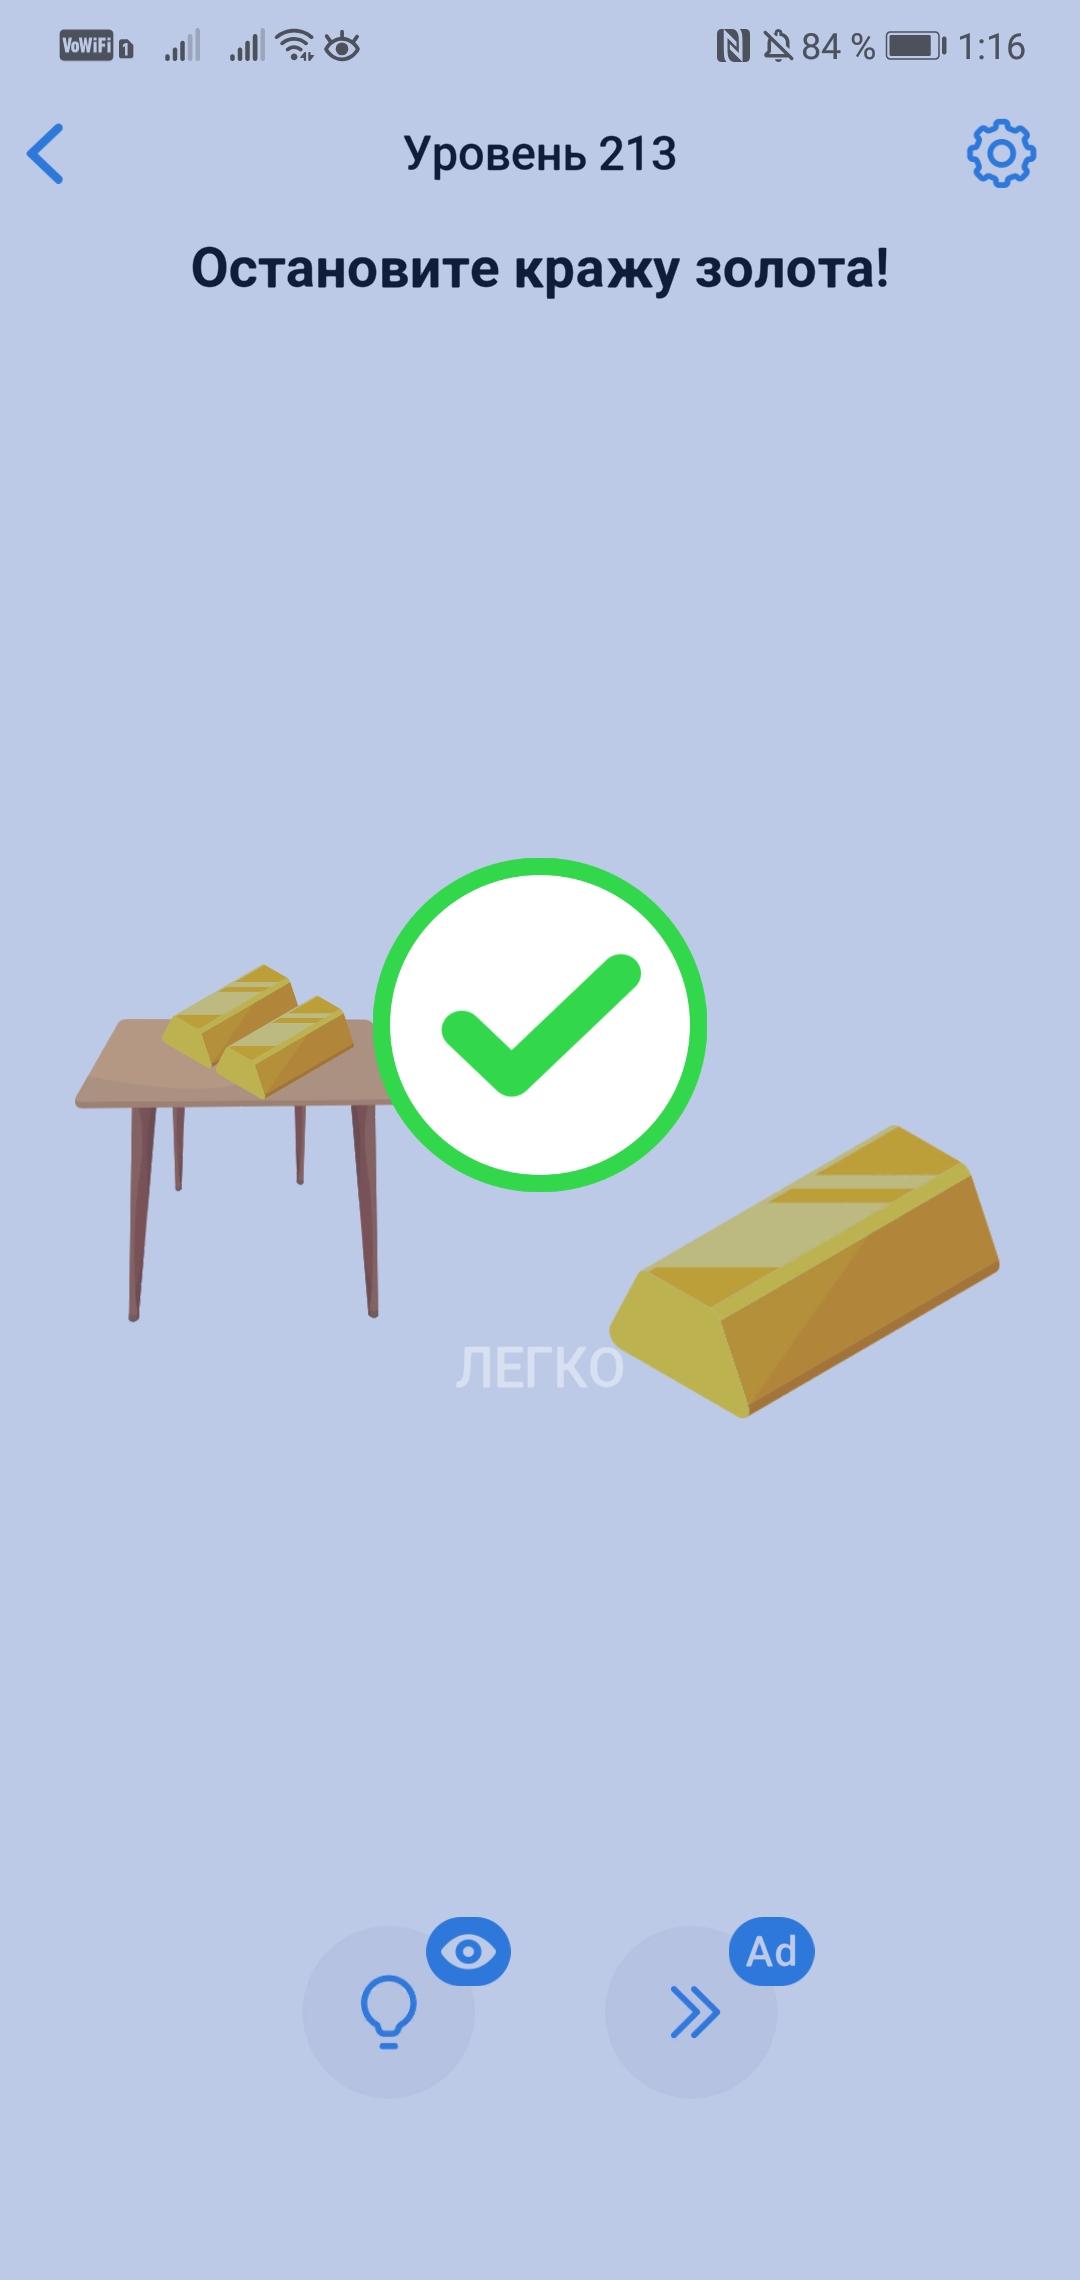 Easy Game - 213 уровень - Остановите кражу золота